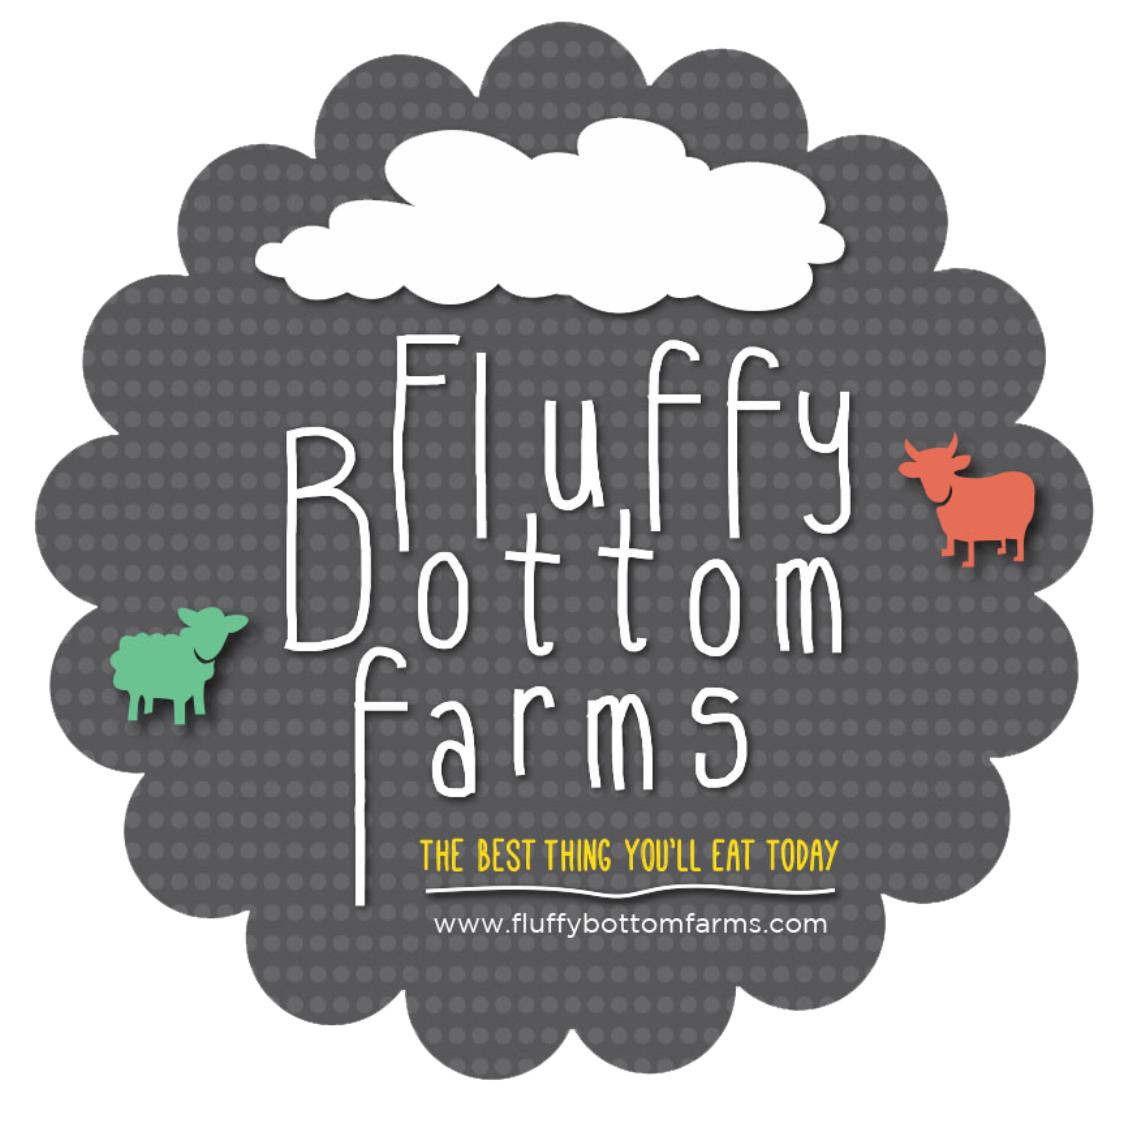 Fluffy Bottom Farms